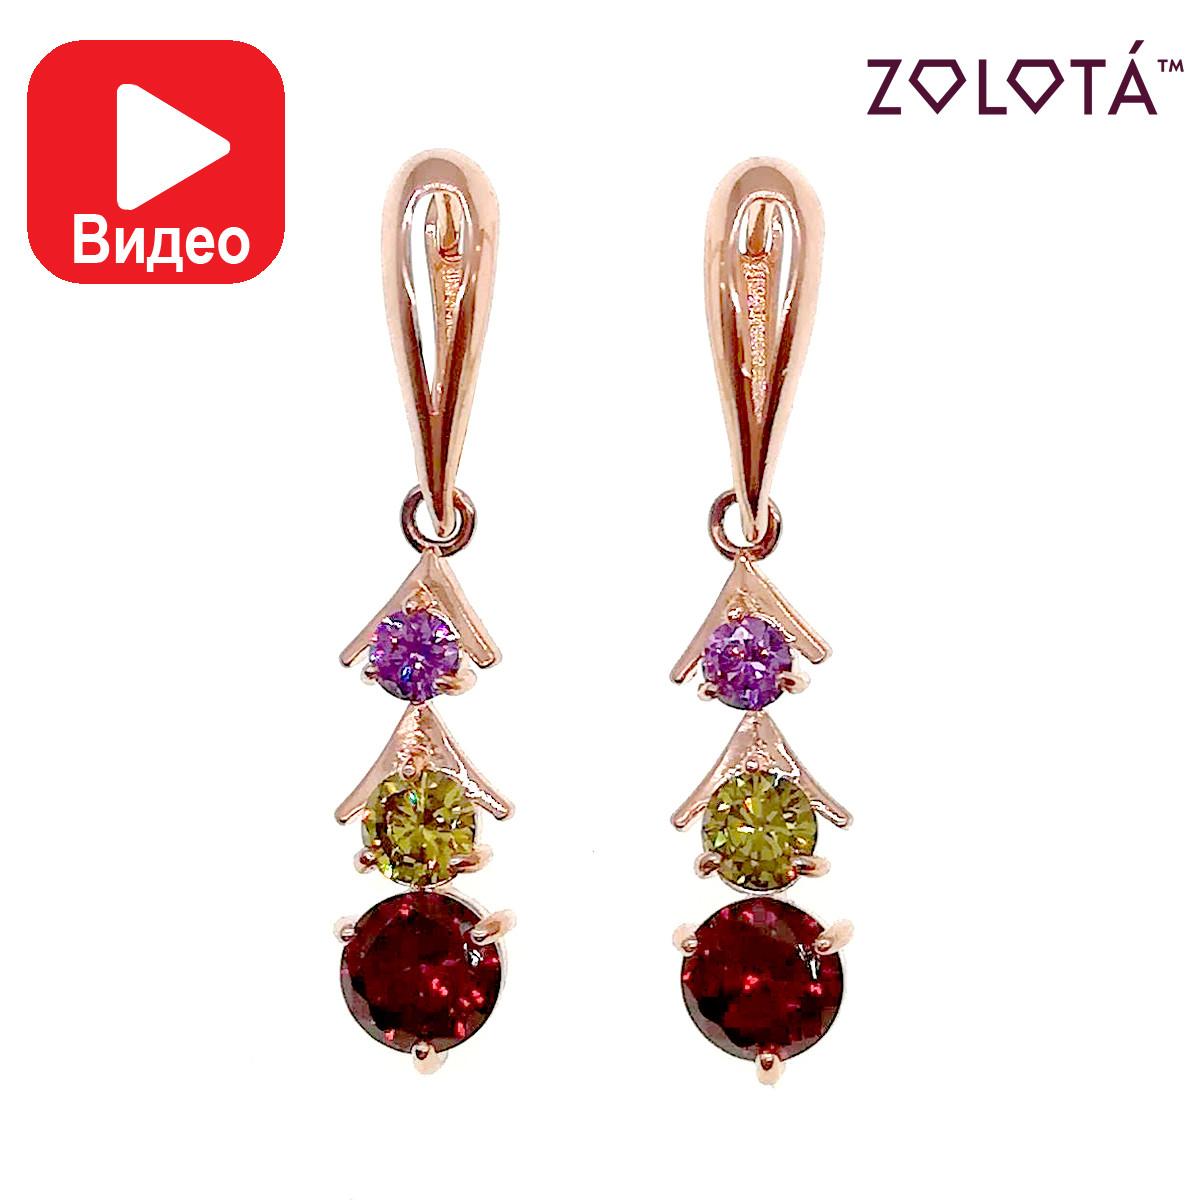 Сережки Zolota з фіолетовими, зеленими і темно-червоними фіанітами (куб. цирконієм), з медичного золота, в позолоті, ЗЛ00440 (1)